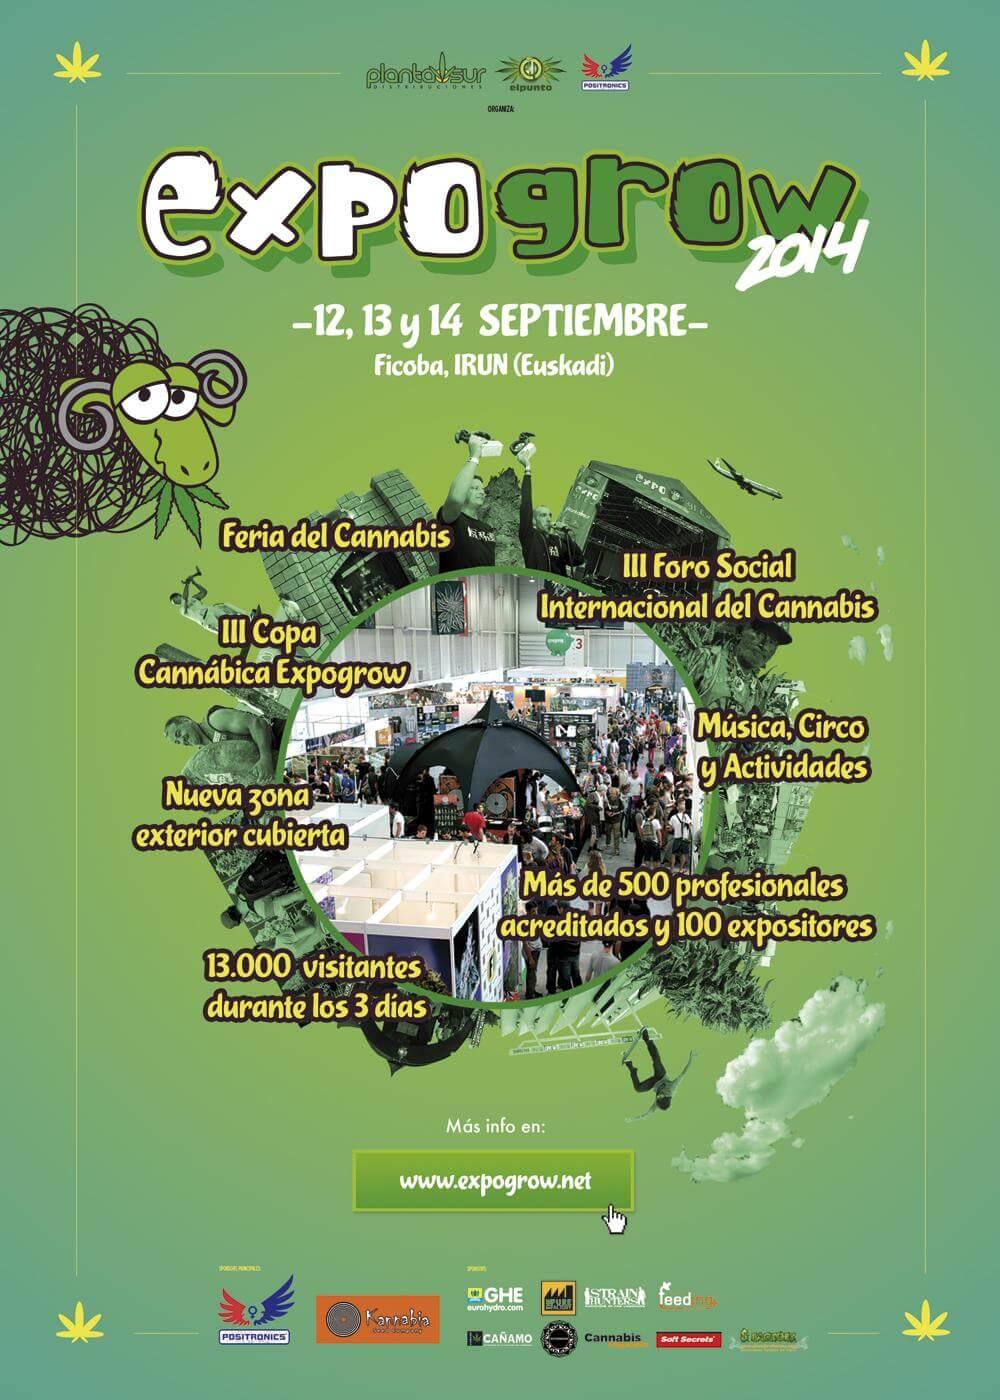 Expogrow Irún 2014